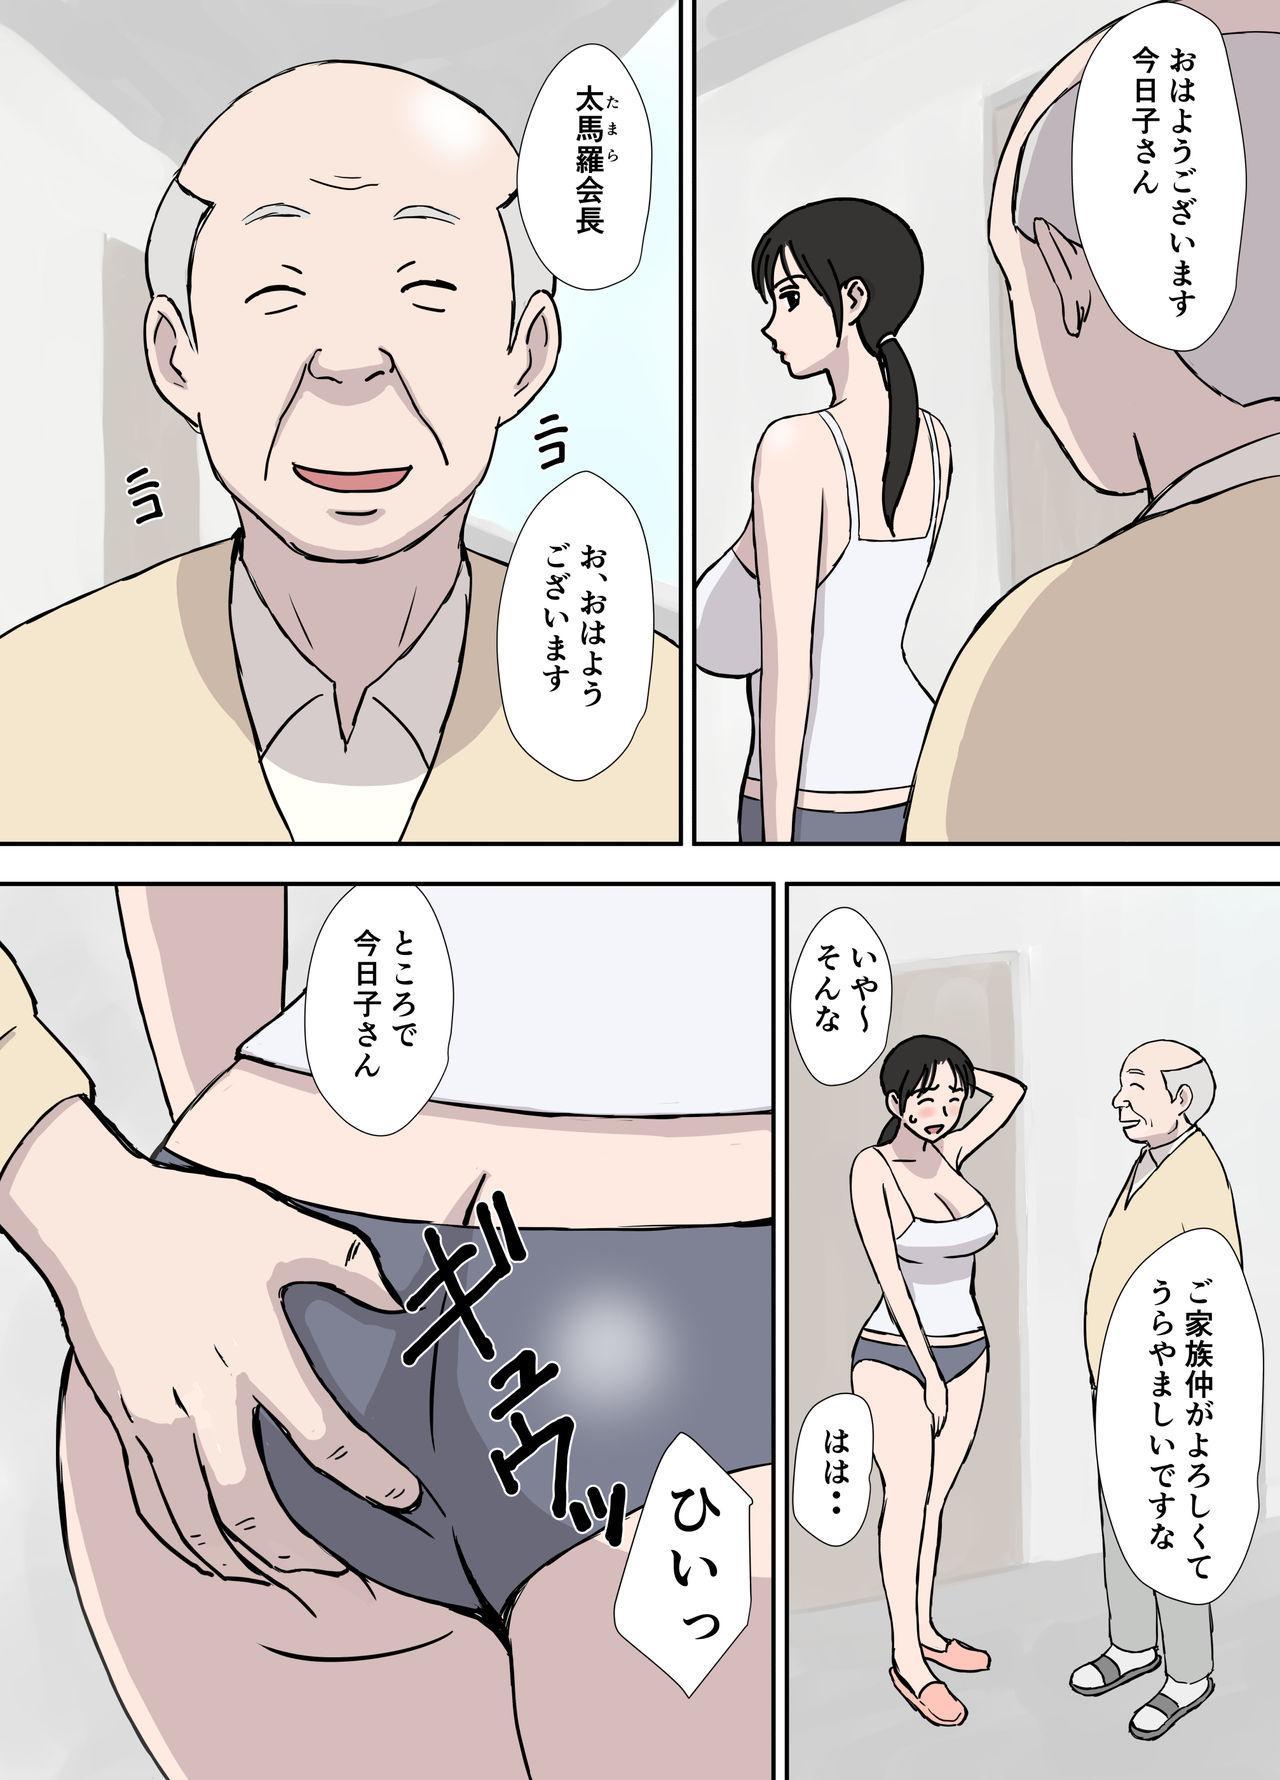 Makezugirai no Kyouko-san 3